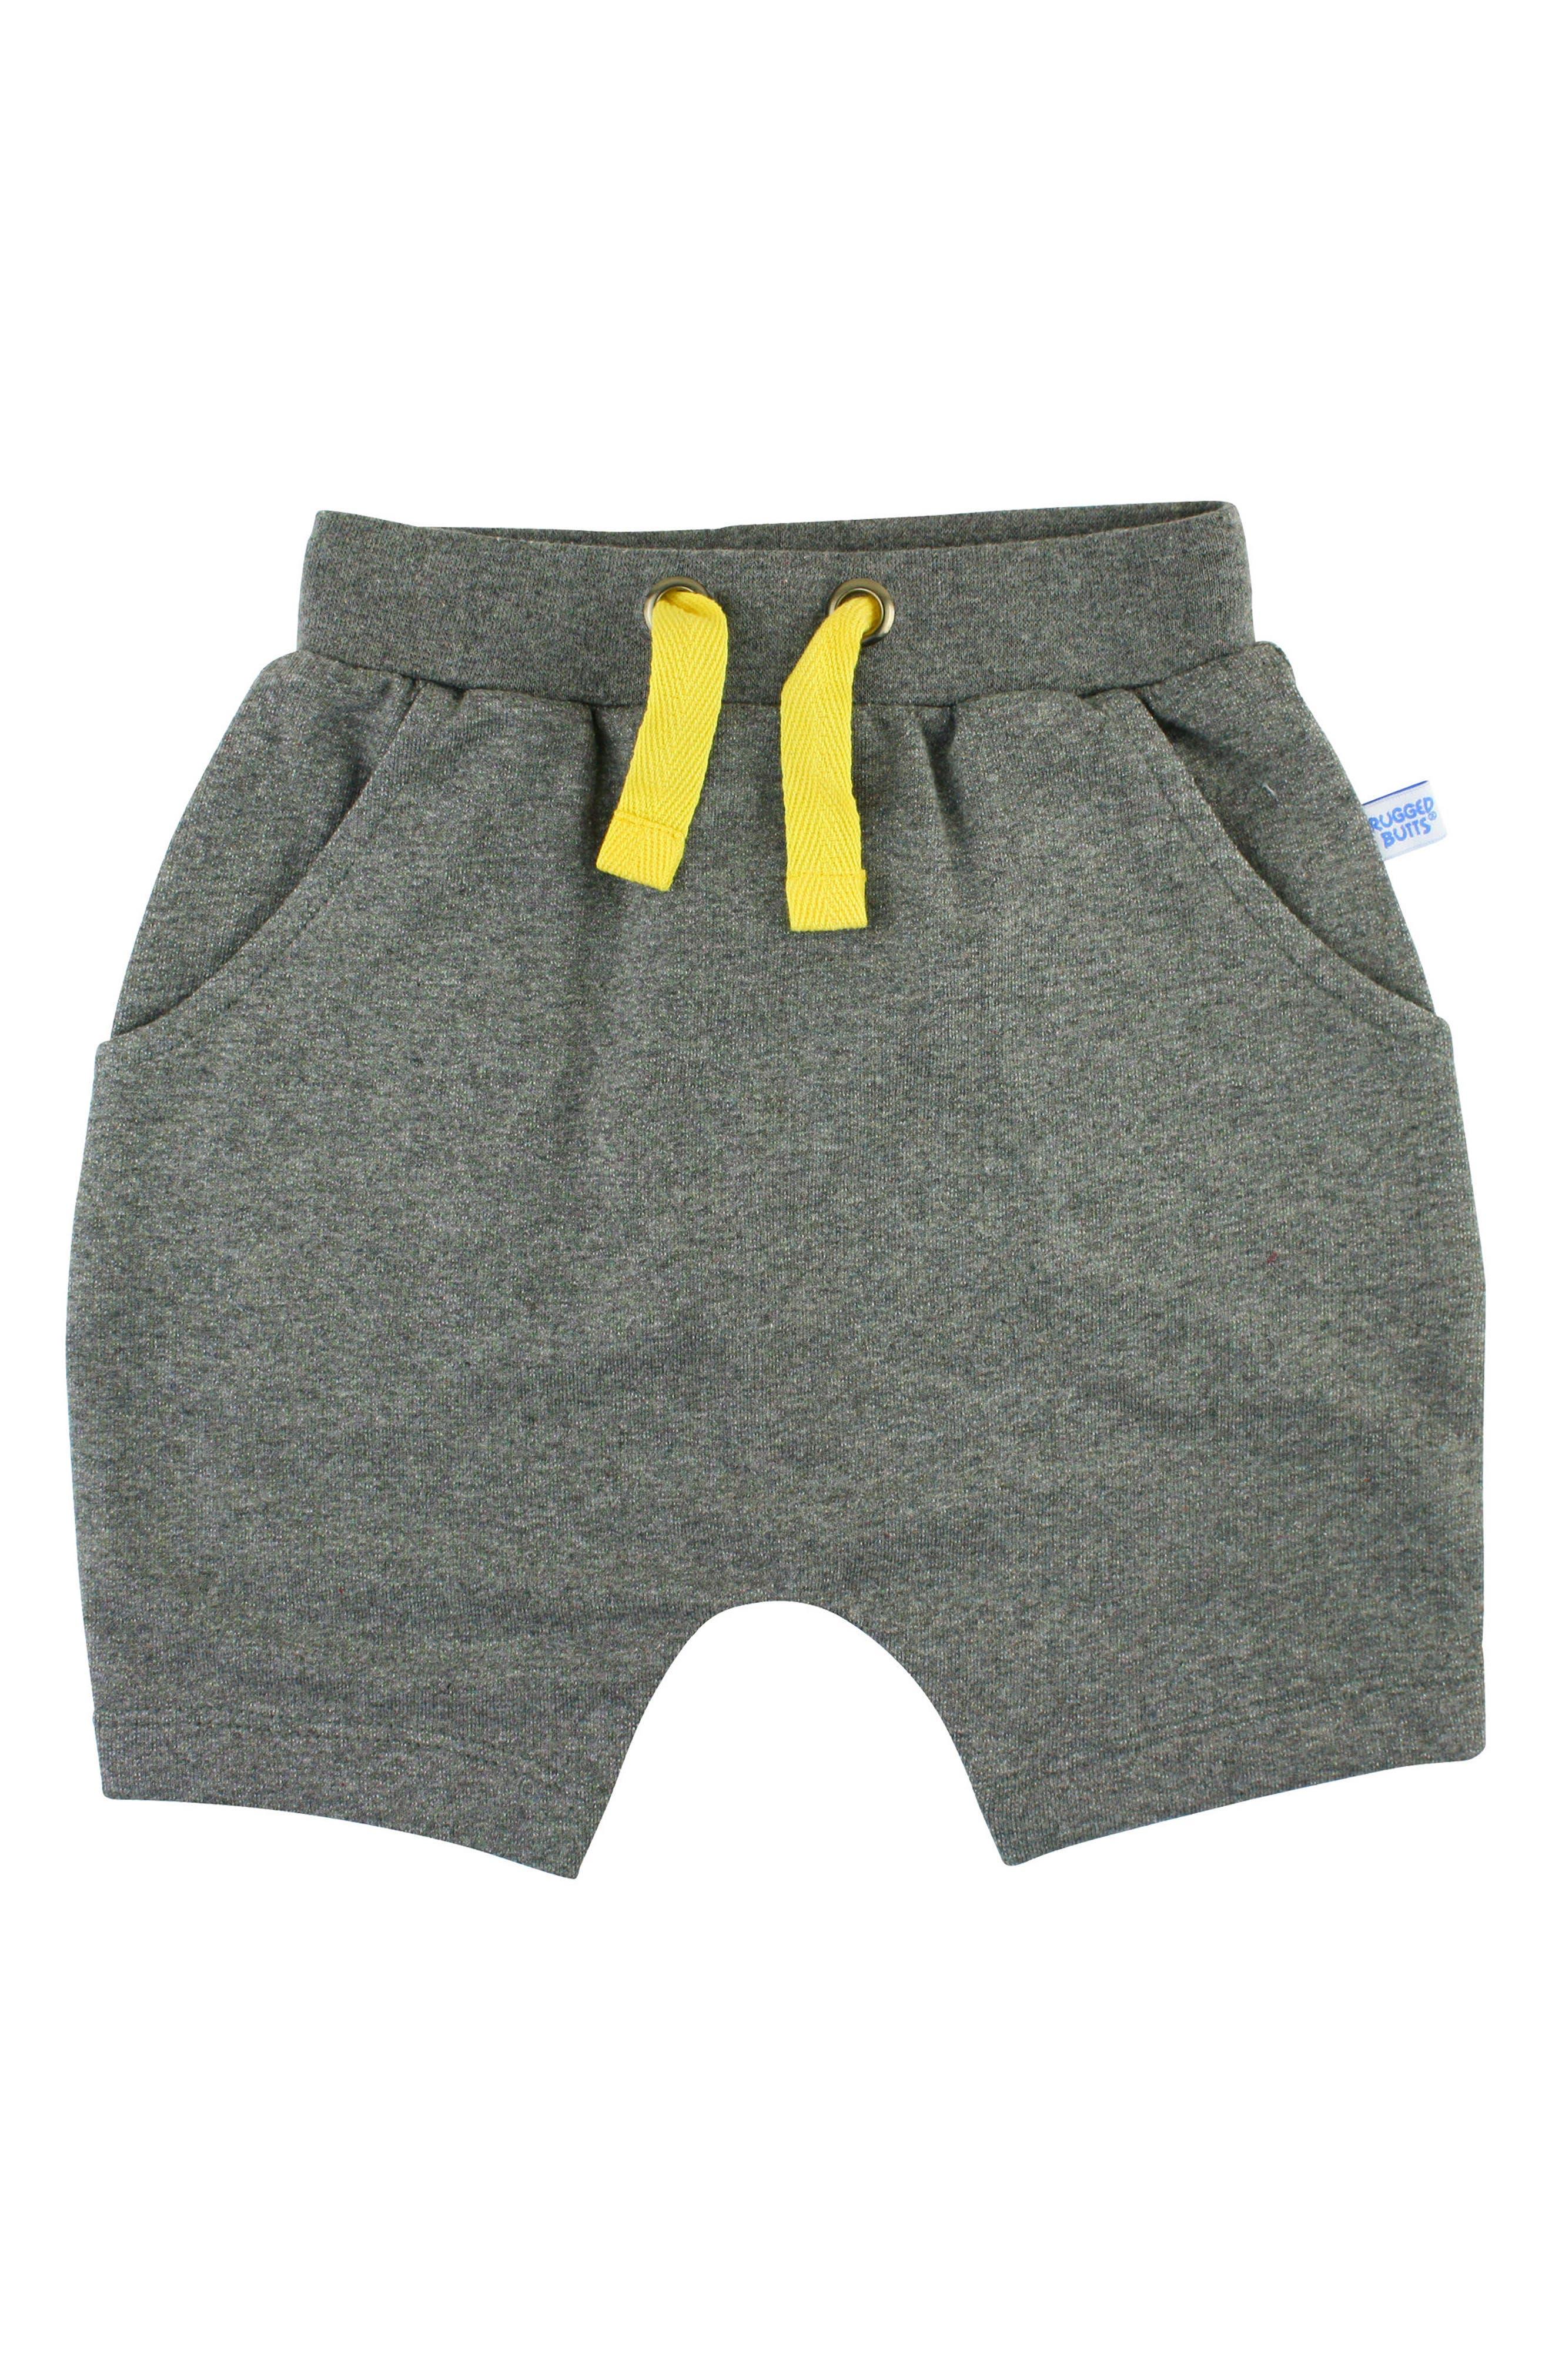 Jogger Shorts,                             Main thumbnail 1, color,                             020